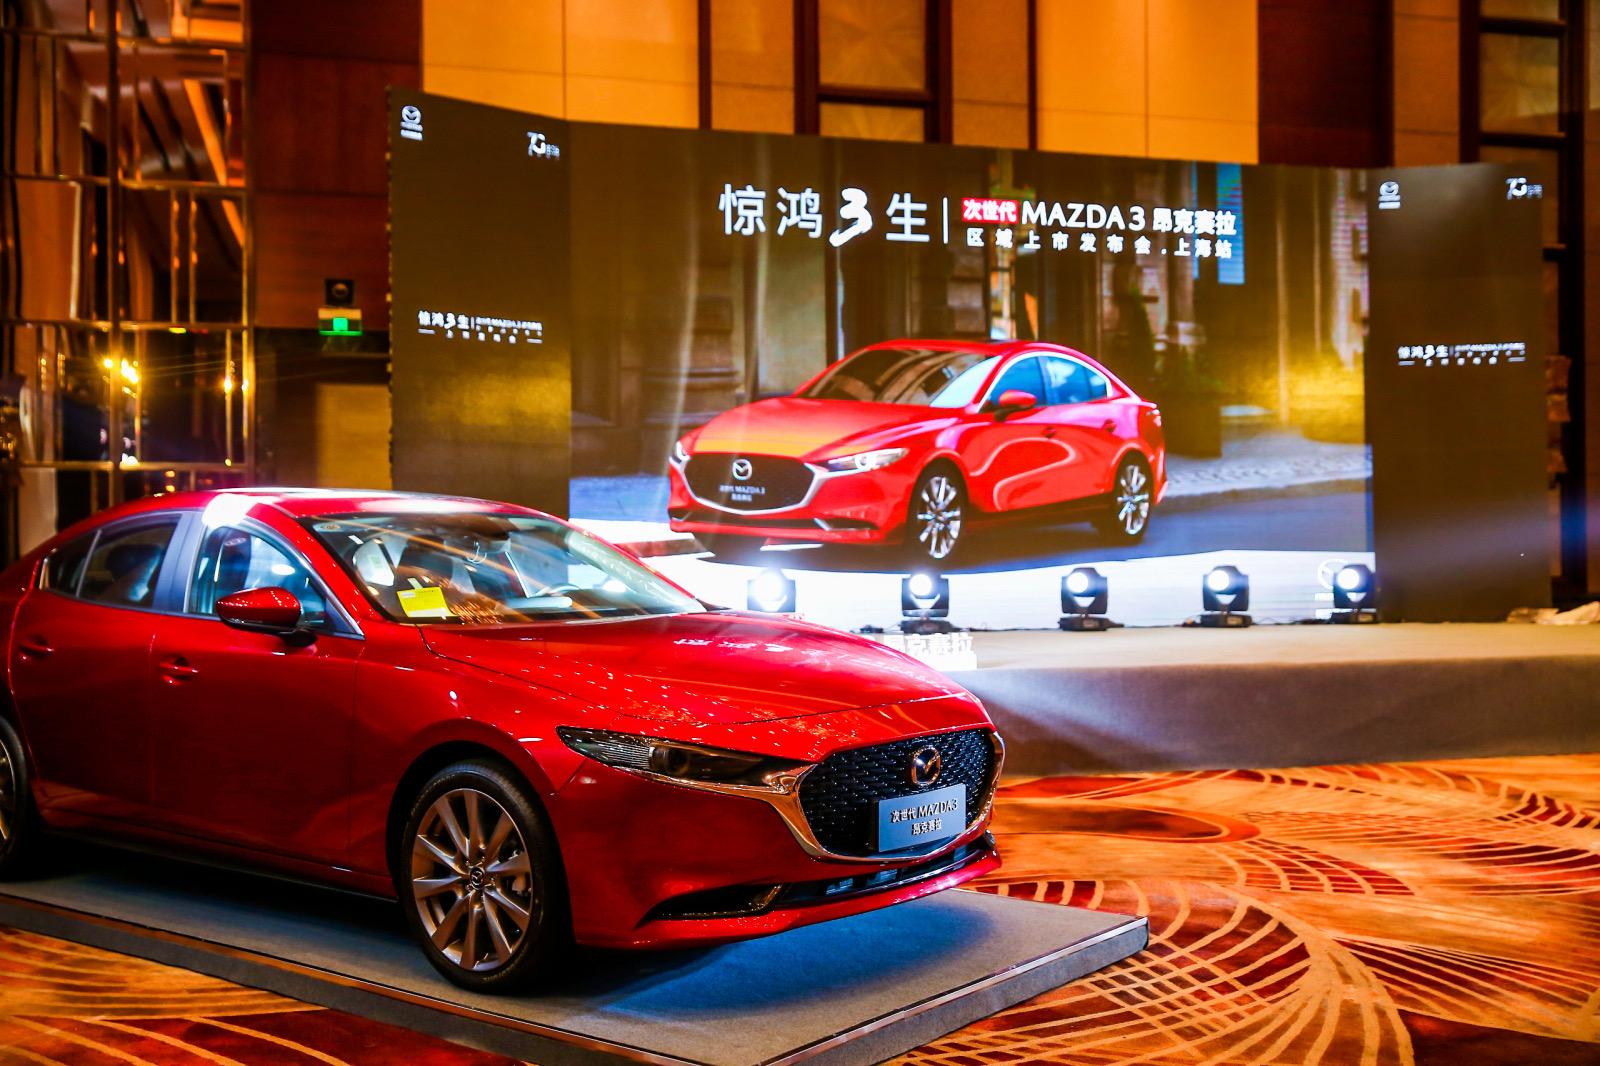 全新一代次世代MAZDA3昂克赛拉上海上市